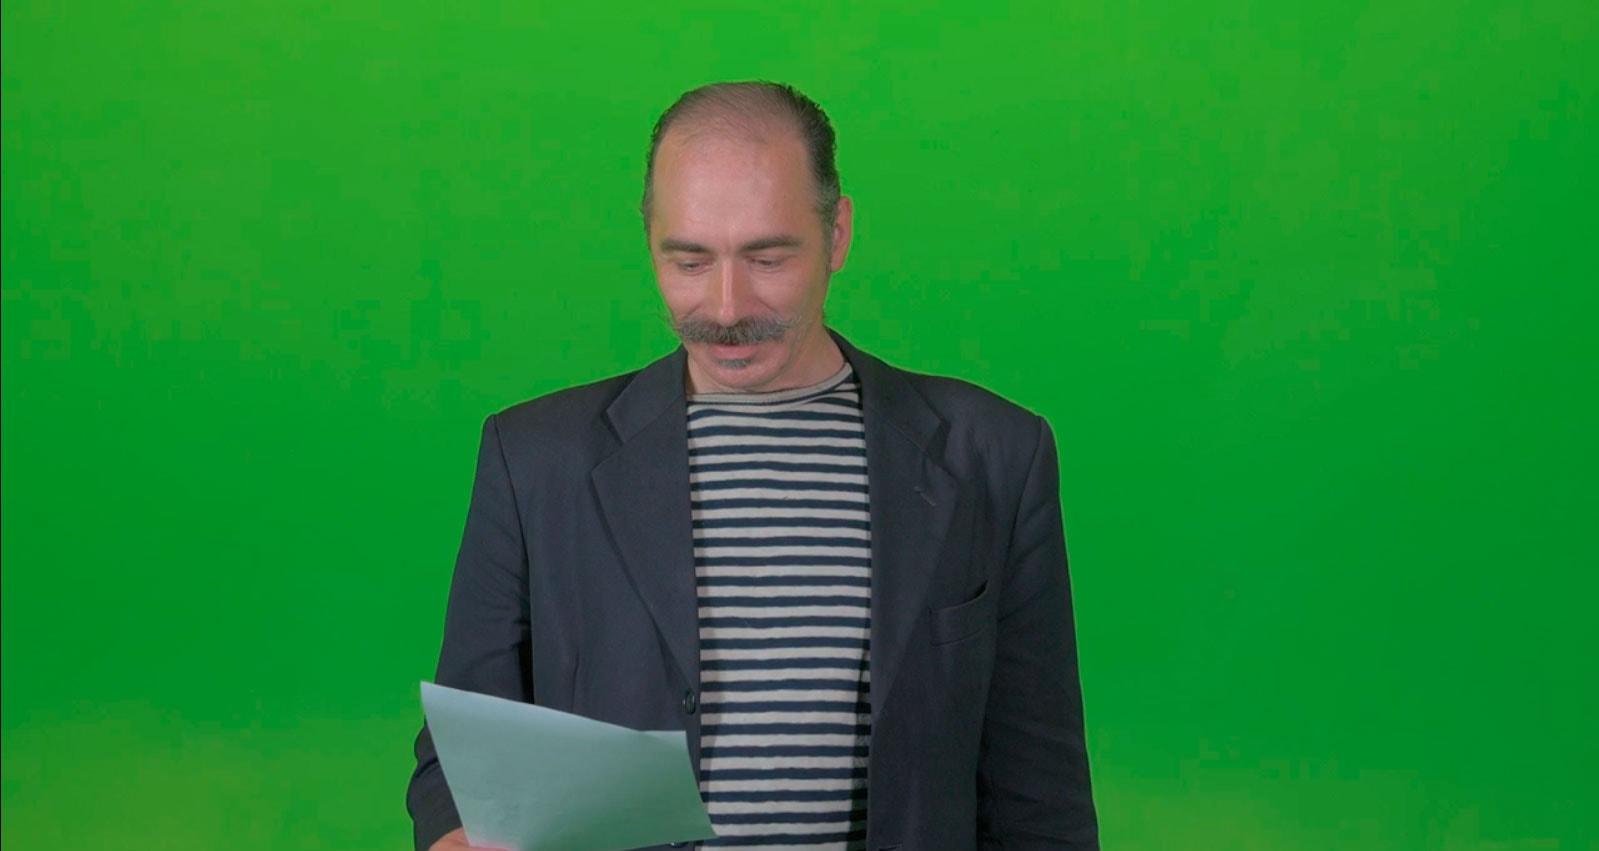 Видеоролик об услугах финансовой компании фото